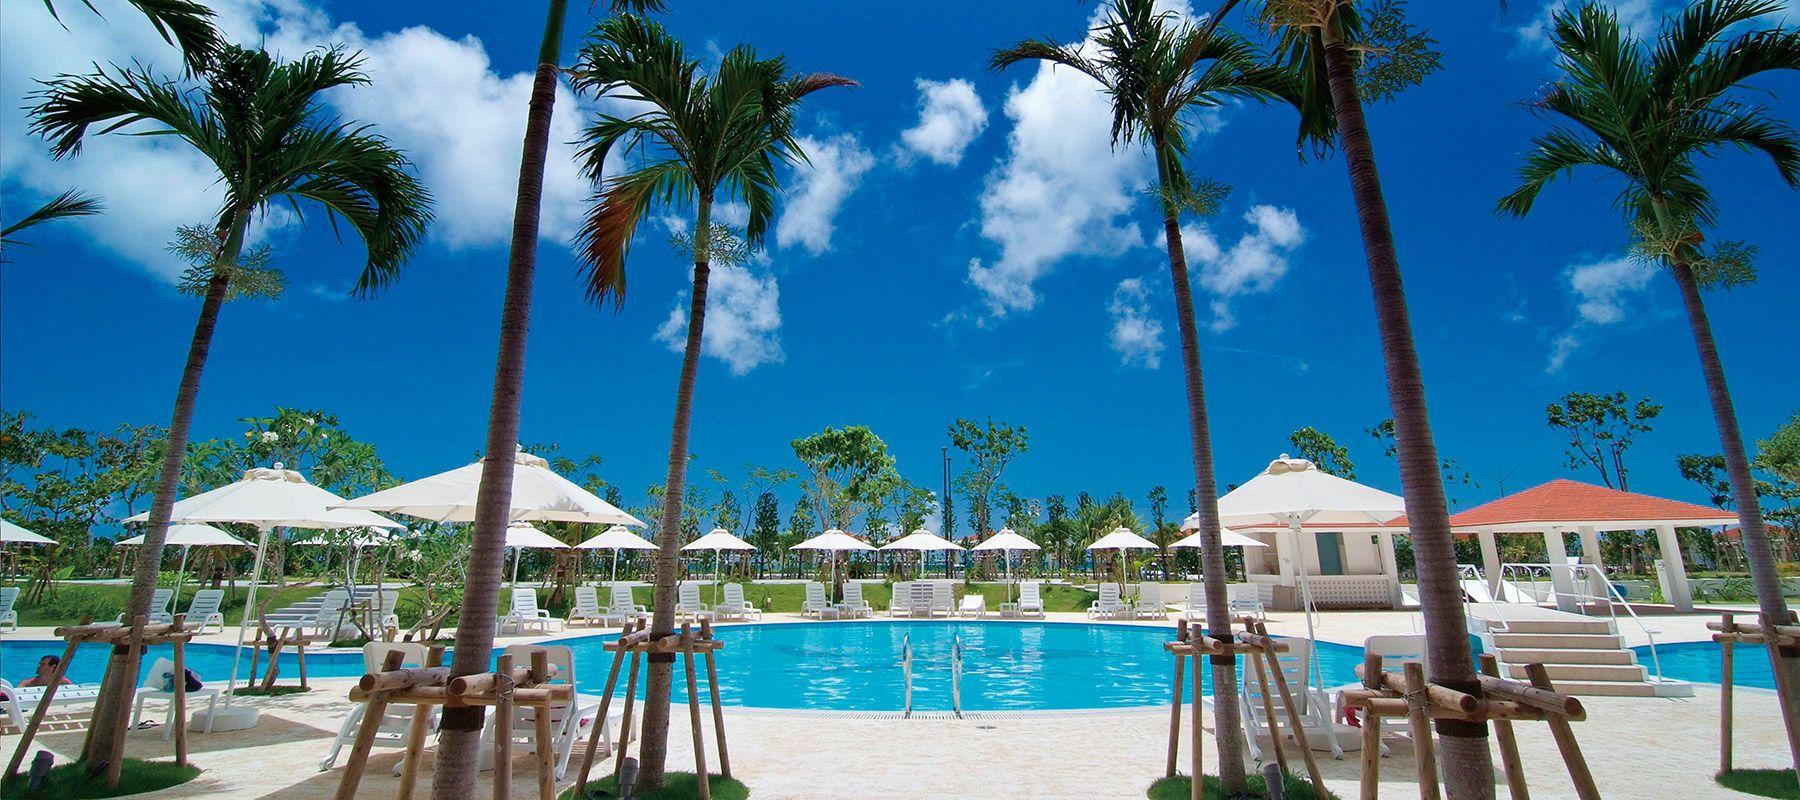 『番外編宿泊記』サザンビーチホテル&リゾート沖縄に泊まってみた!